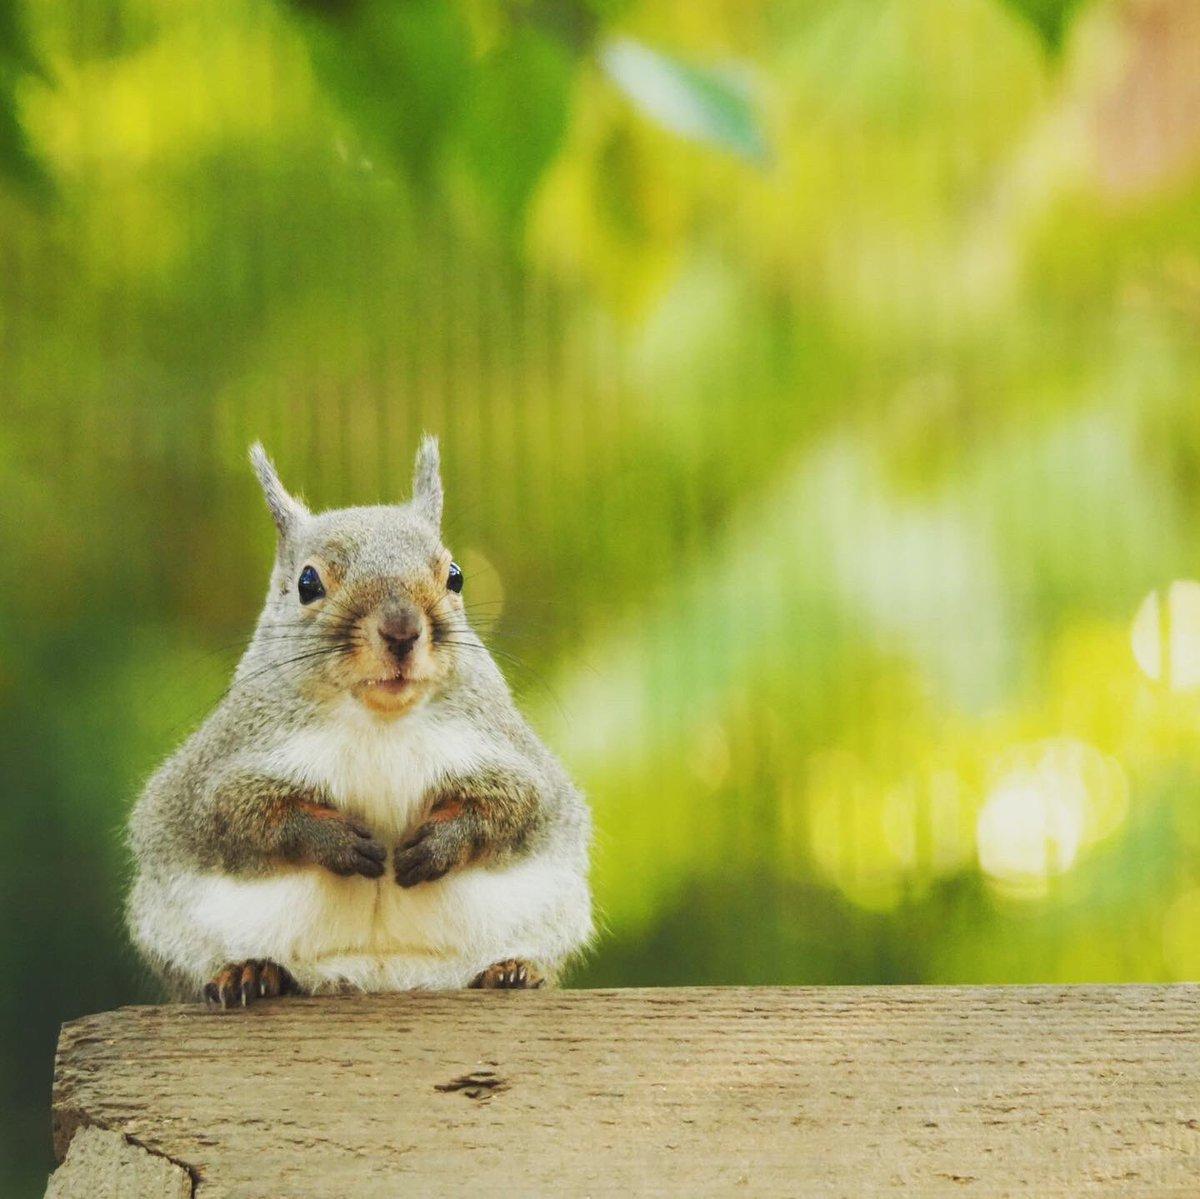 リスしか出せるものはありませんが… #井の頭自然文化園 #リスの小径 #ツイッターで楽しむ動物展覧会pic.twitter.com/yqUUli2Aka